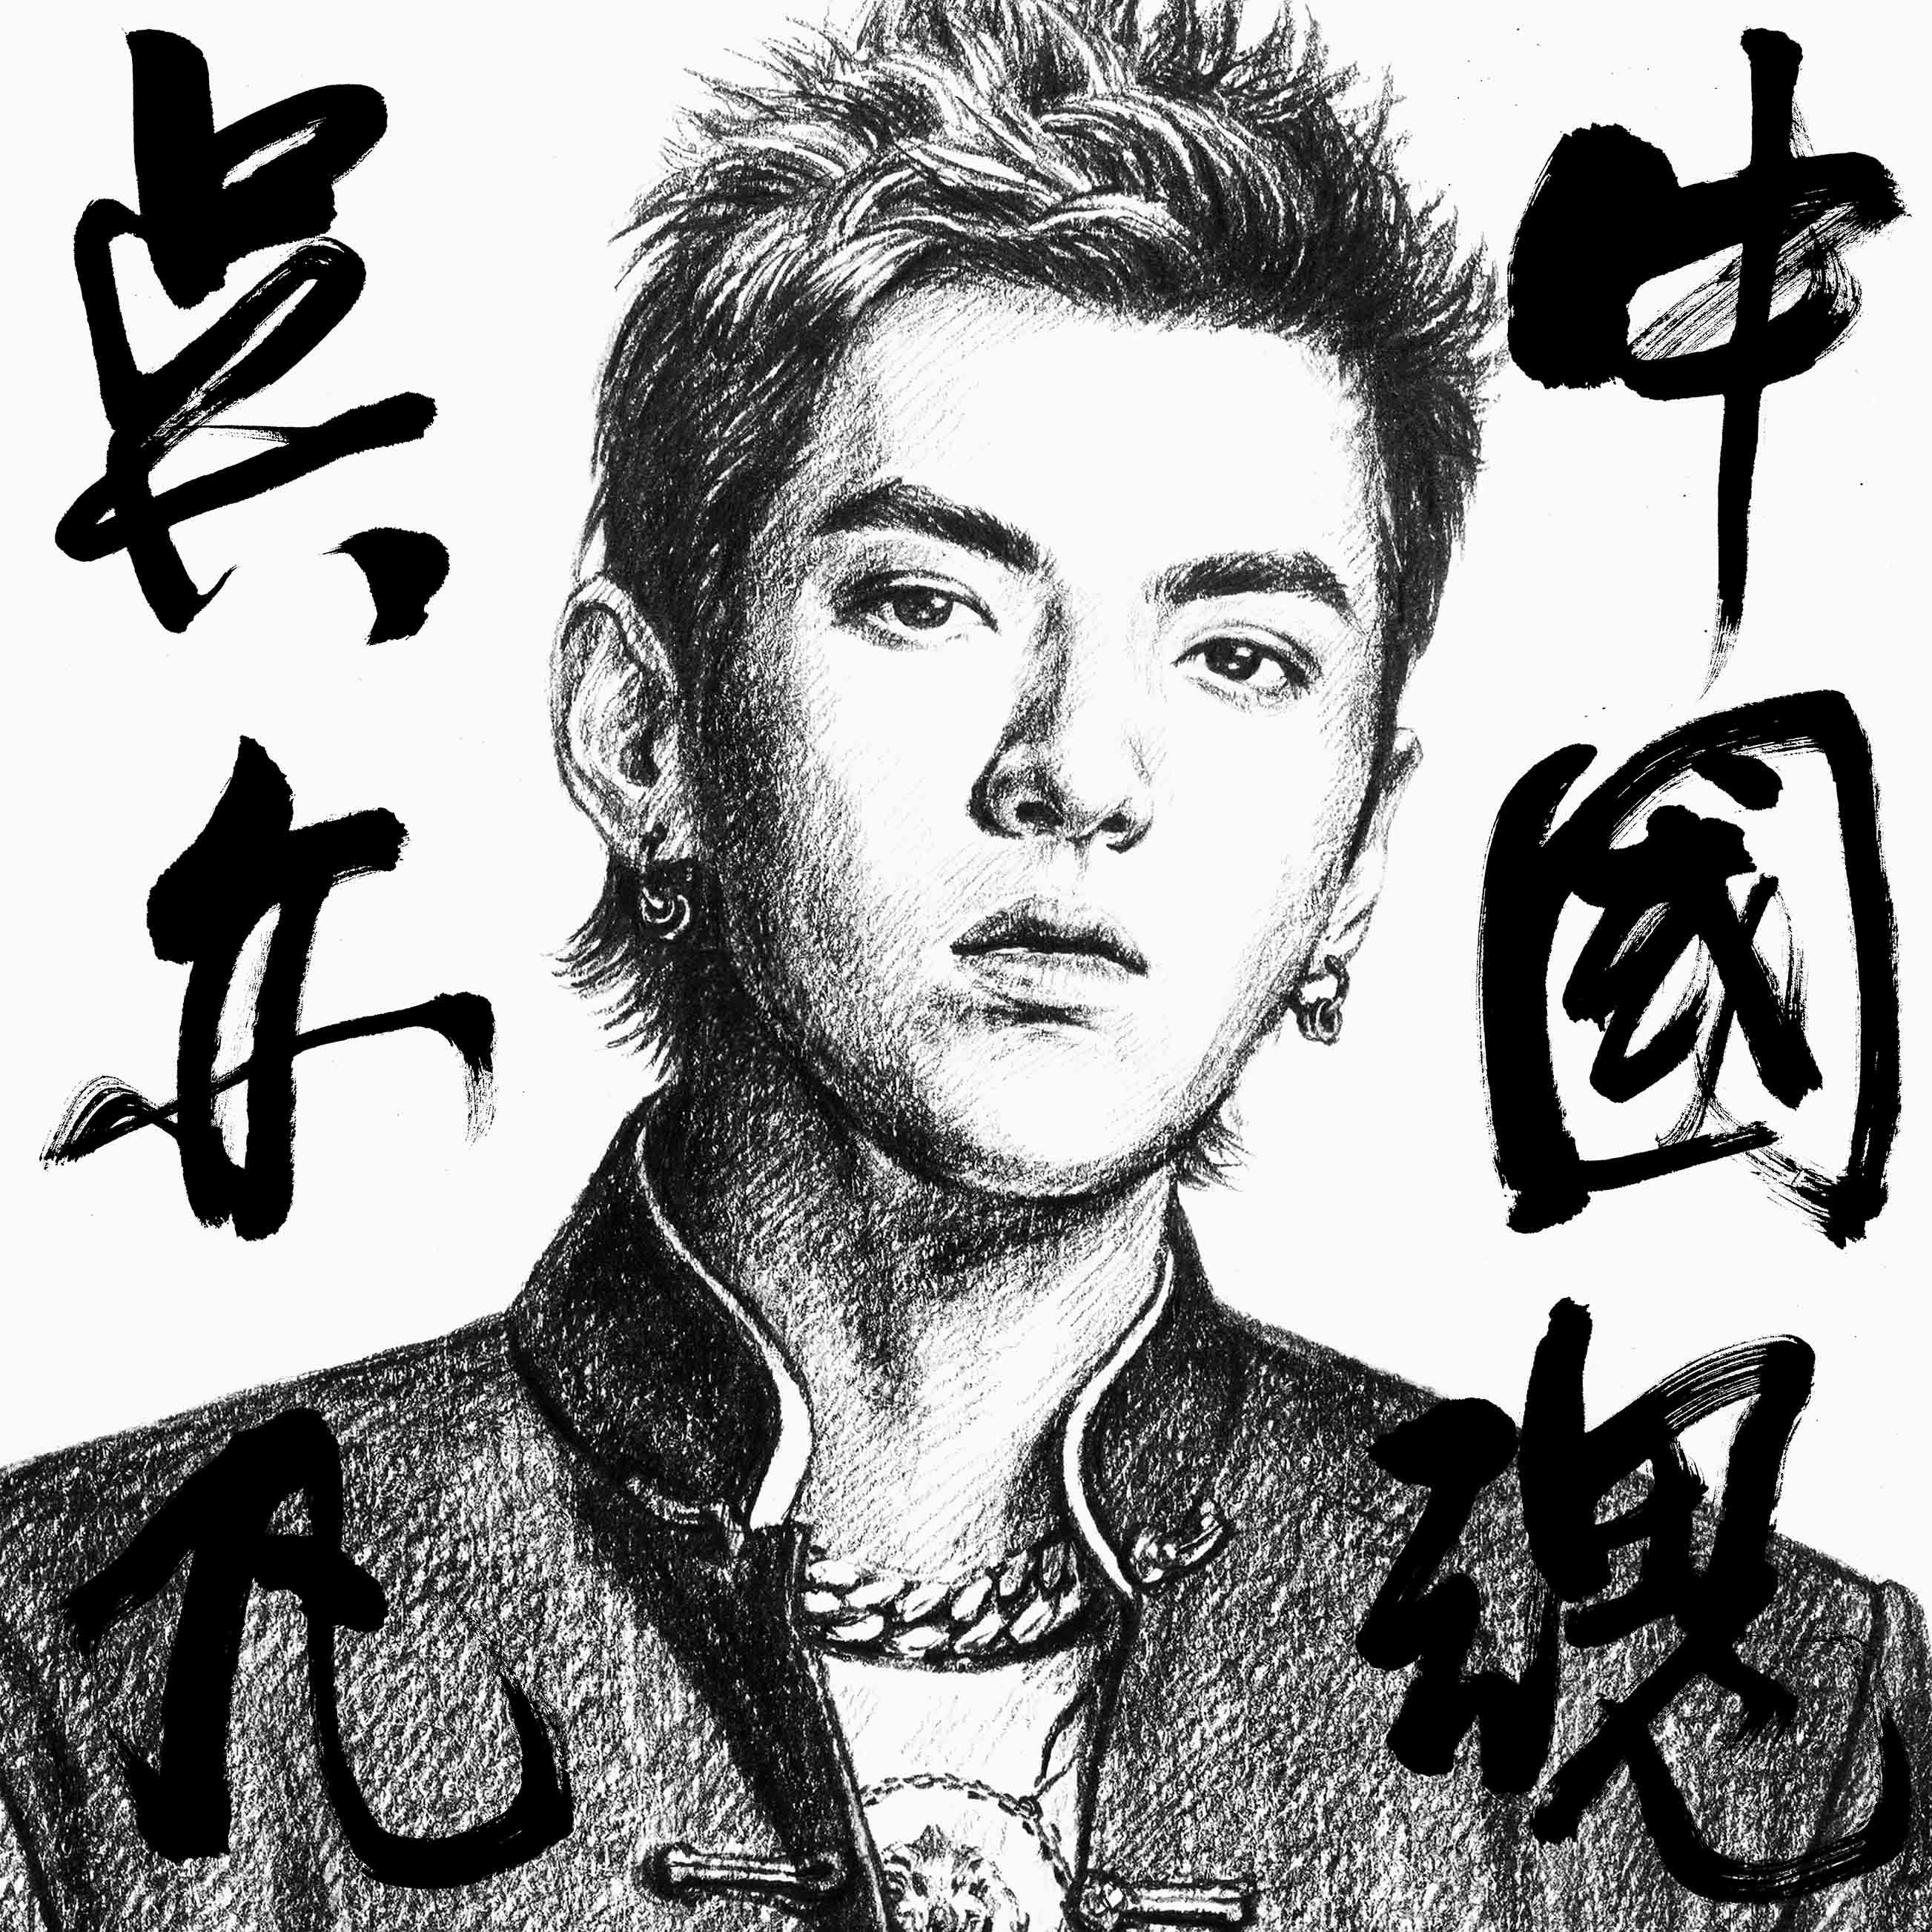 吴亦凡最新单曲《中国魂》 展现大情怀凝聚正能量